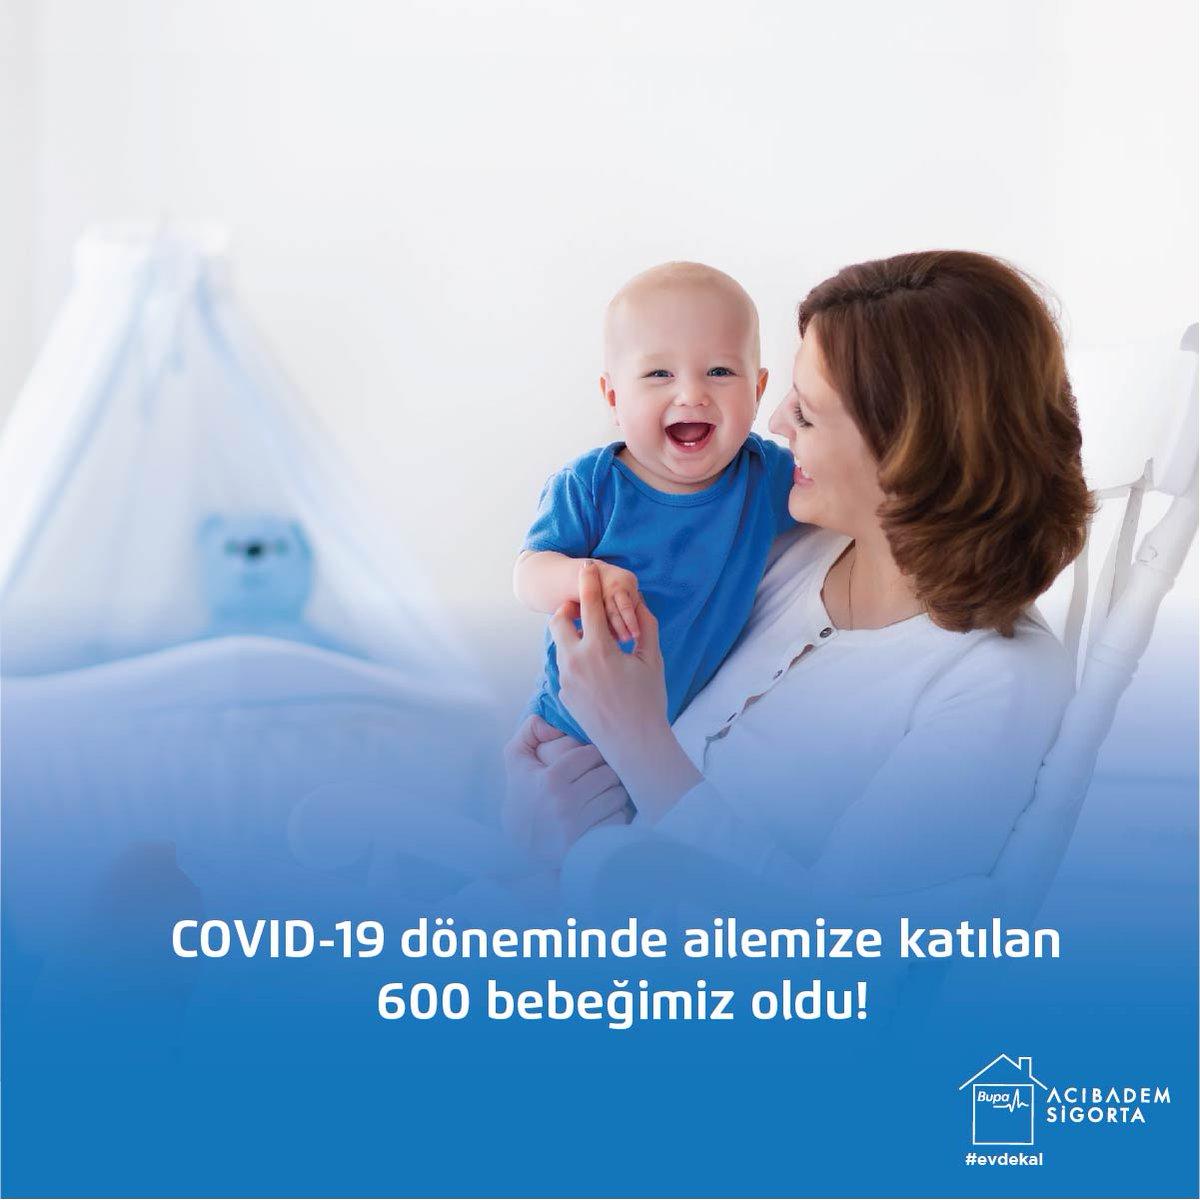 COVID-19 döneminde ailemize katılan 600 bebeğimiz oldu! Yeni doğan bebeklerimize aramıza hoş geldin diyor, anneler günü haftasında anneliğe adım atan tüm annelerimizi kutluyoruz.💙  #BupaAcıbademSigorta  #YanYanaOlamasakDaBeraberiz #Covid_19  #EvdeKal #HoşgeldinBebek https://t.co/58hkaArm5U